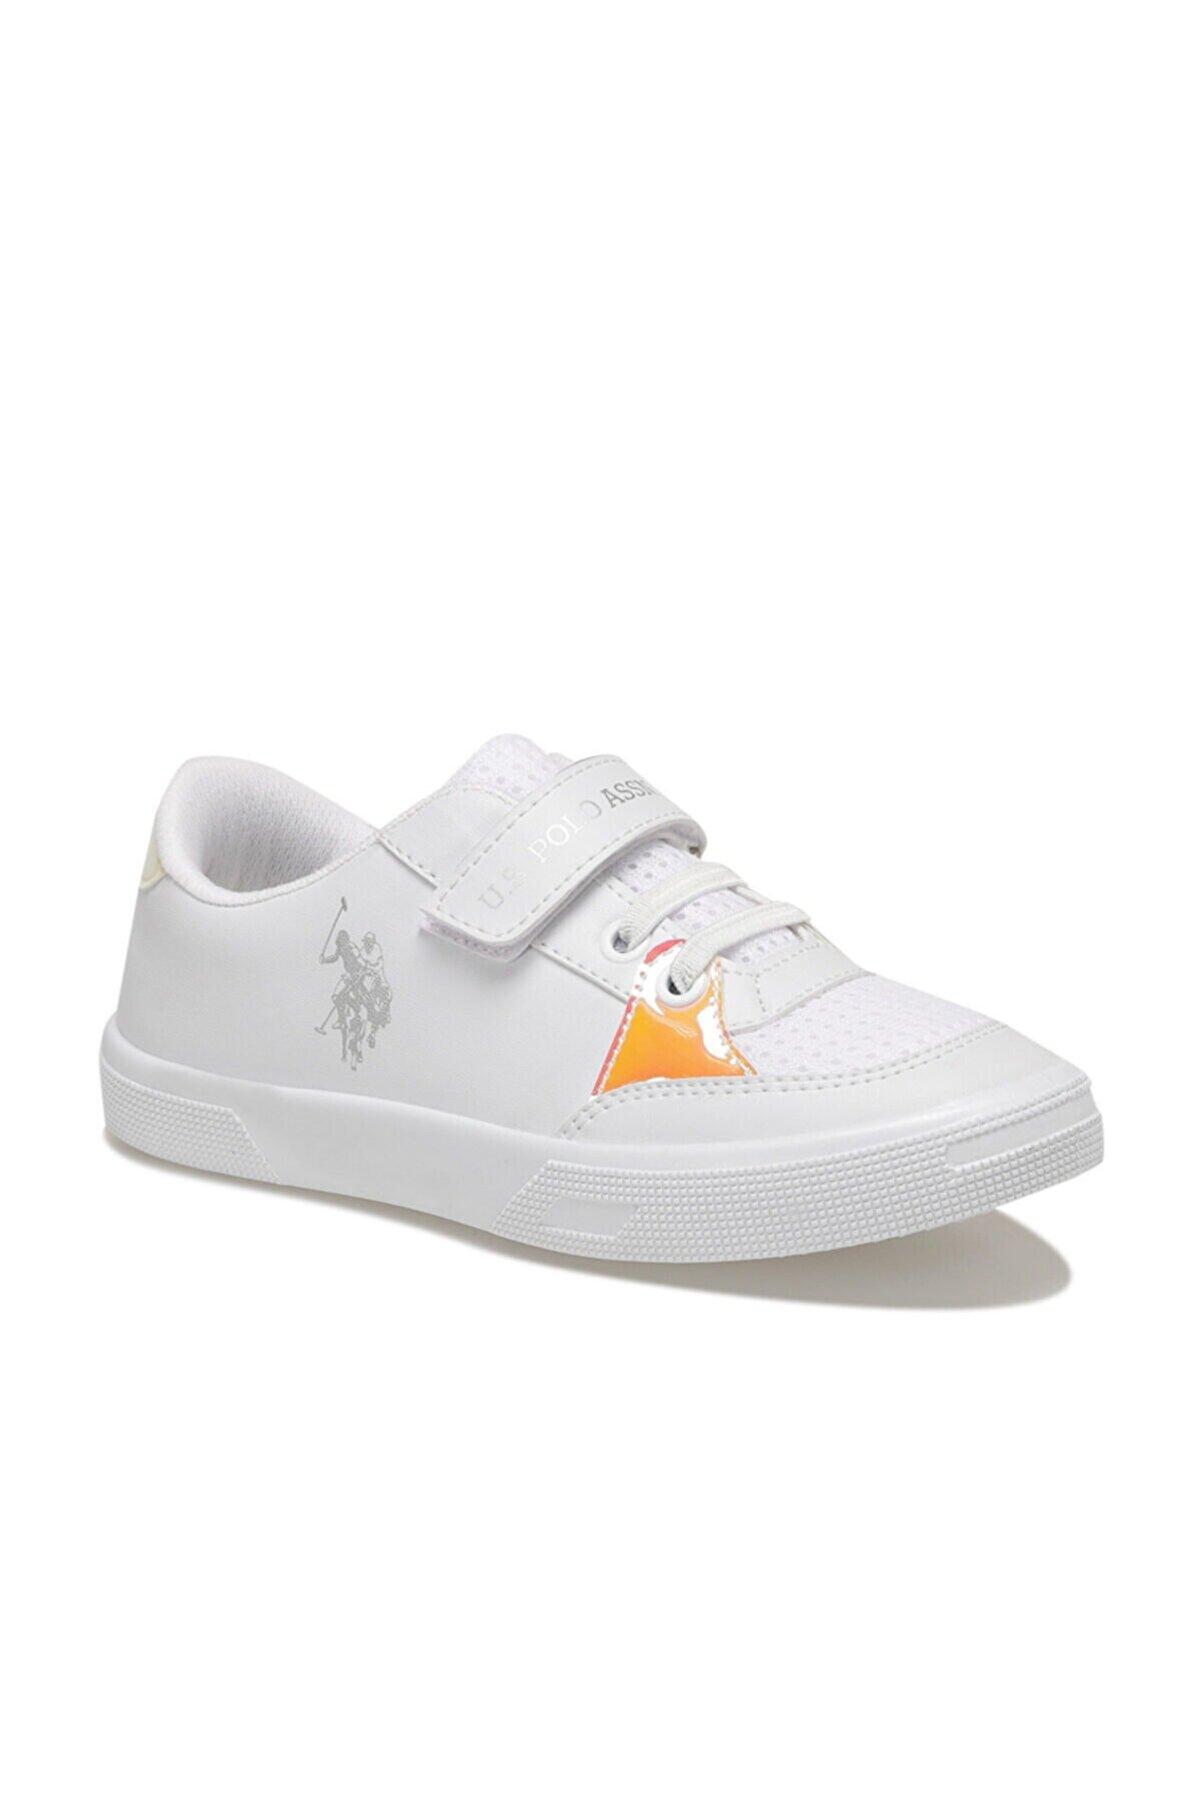 US Polo Assn WEALTH 1FX Beyaz Kız Çocuk Sneaker 100910946